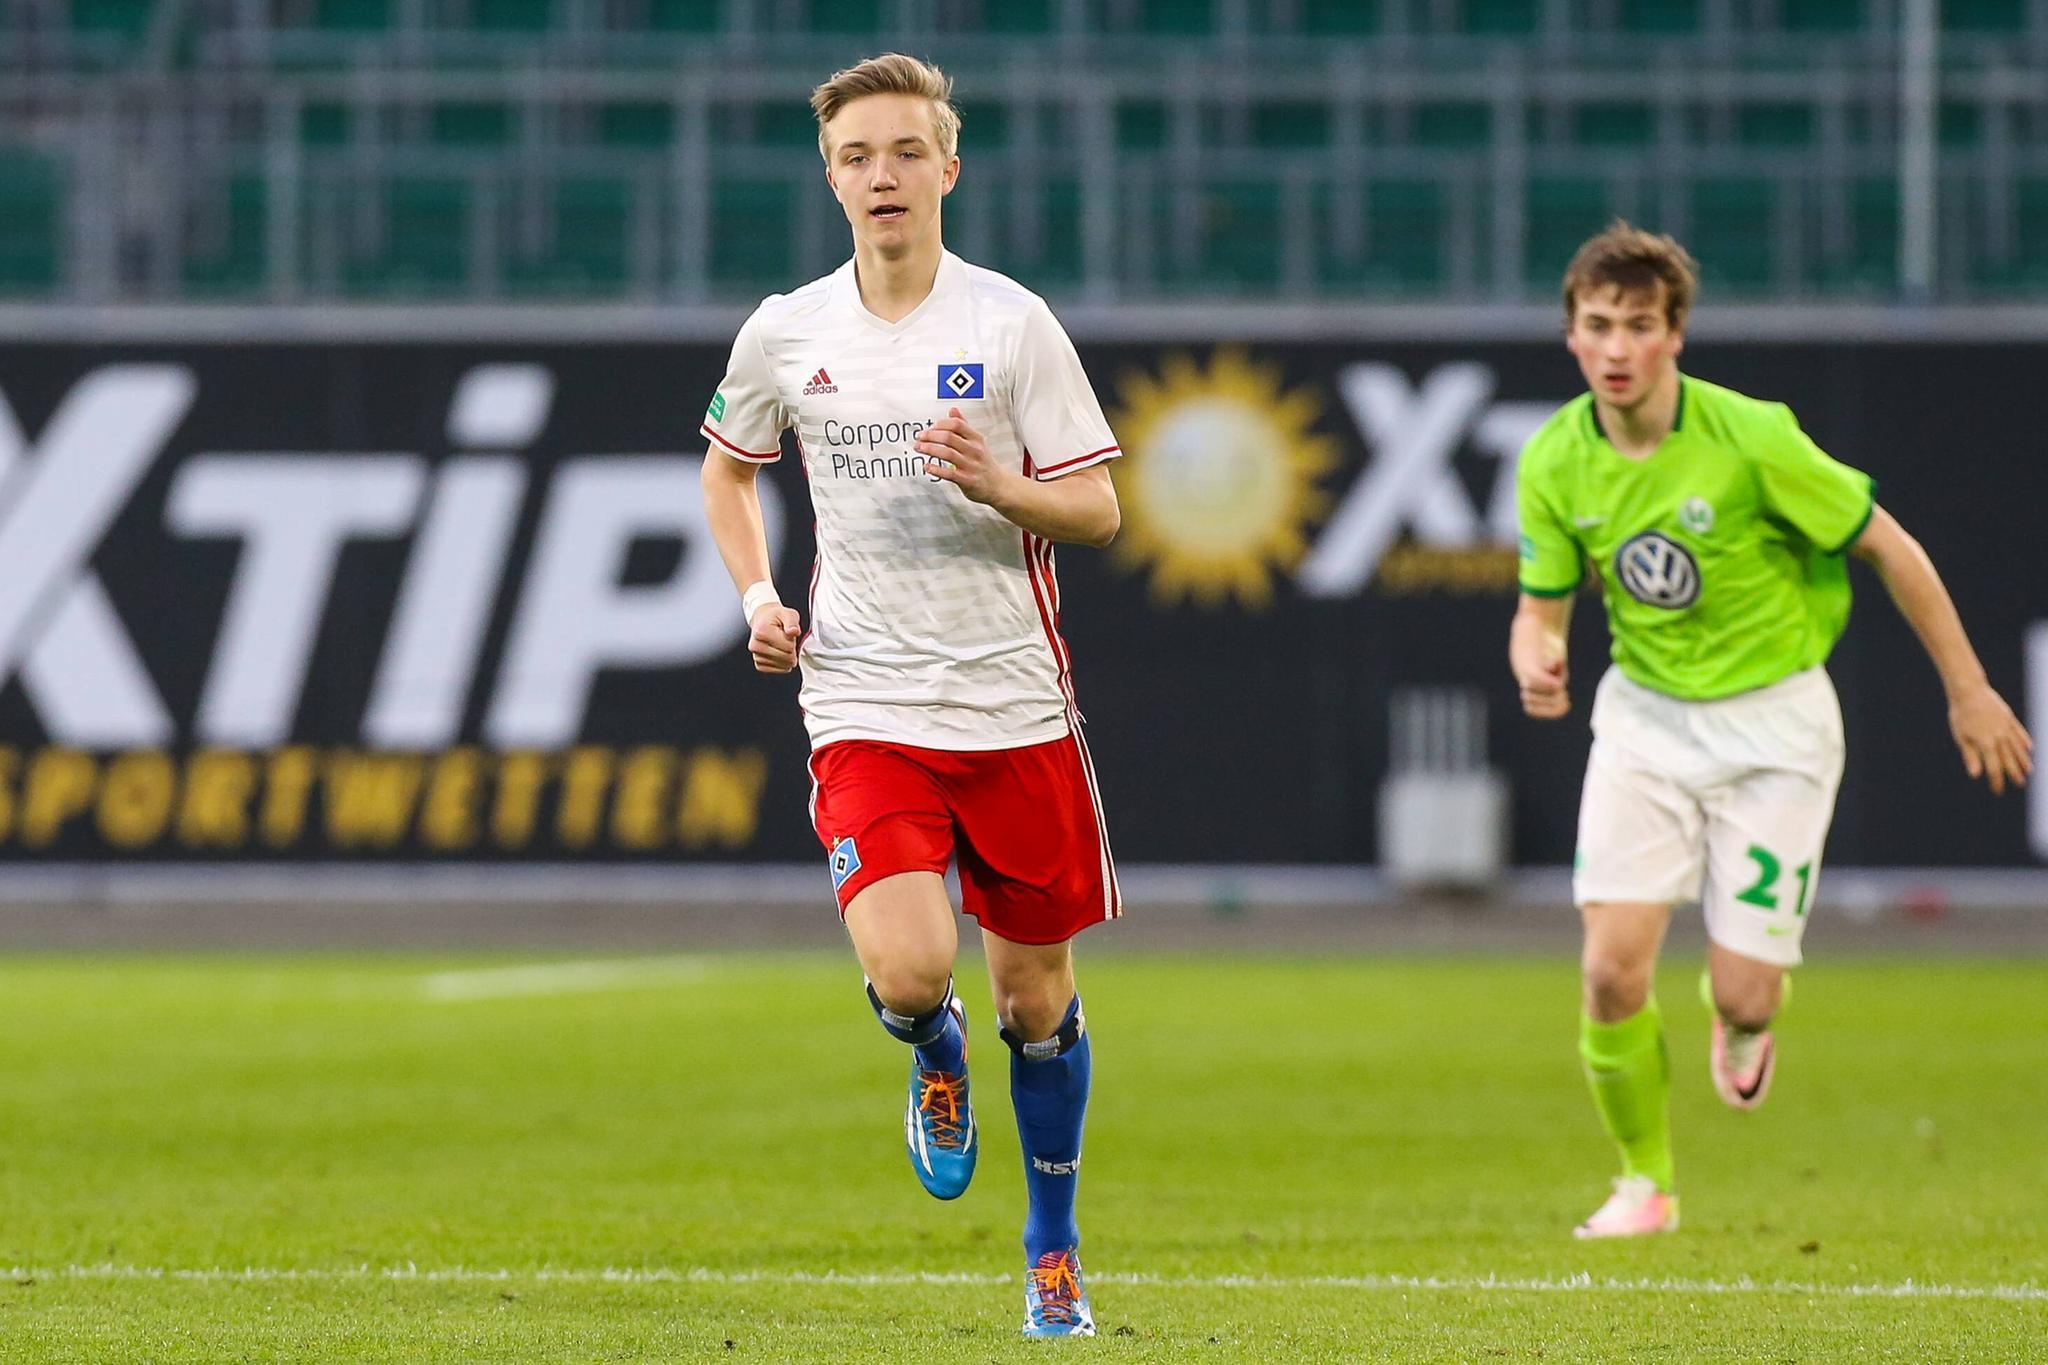 Oliver Geissen Sohn Max 19 Geht Unter Die Fußball Profis Galade